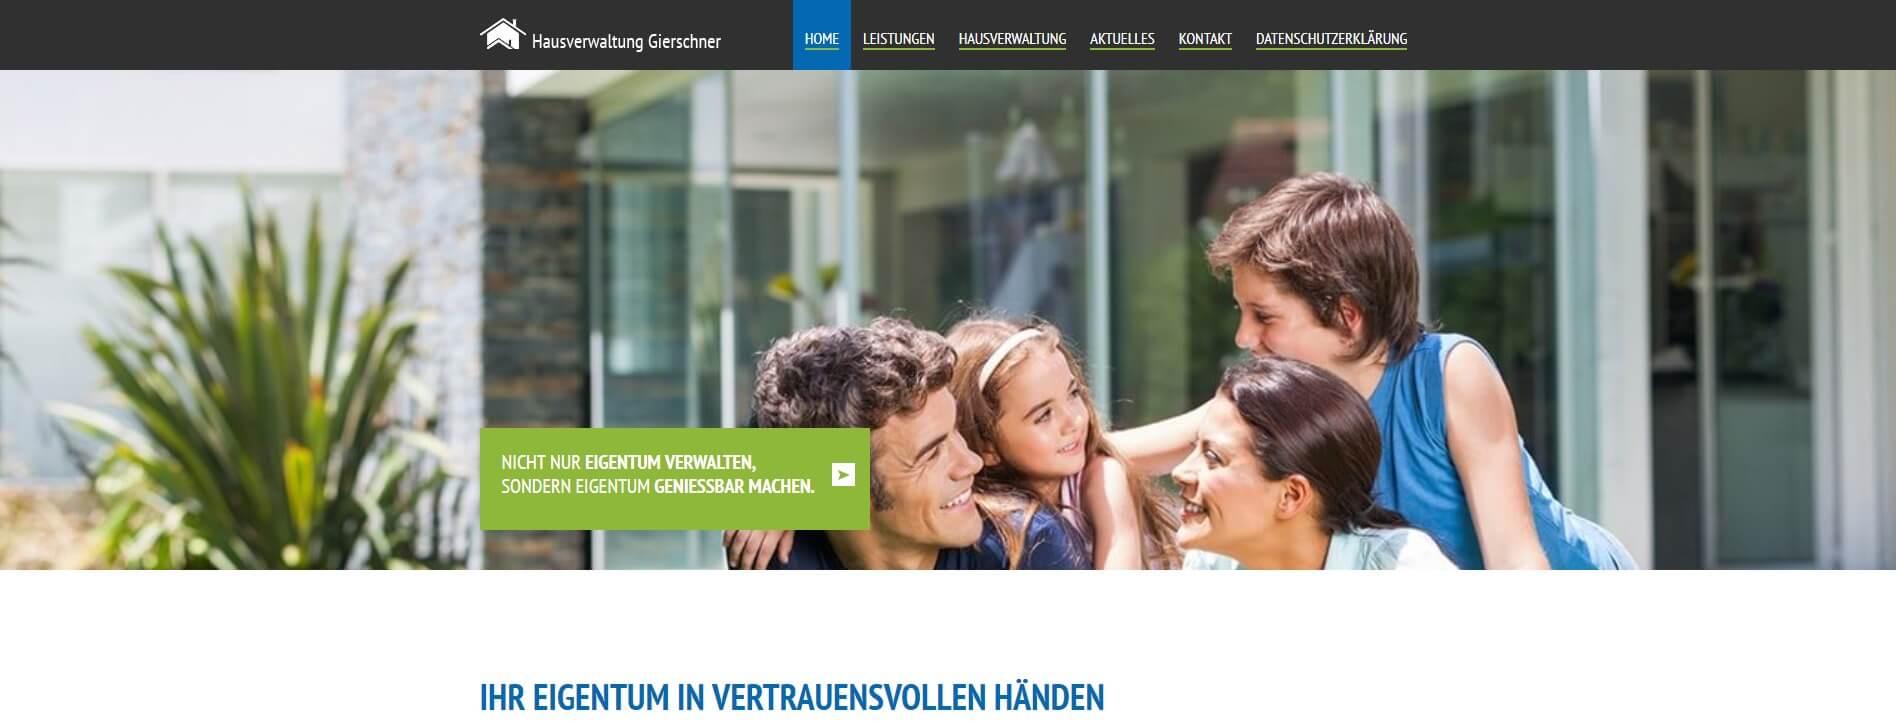 Image of Erfahrung, Kompetenz, Professionalität: Hausverwaltung Gierschner in Hungen